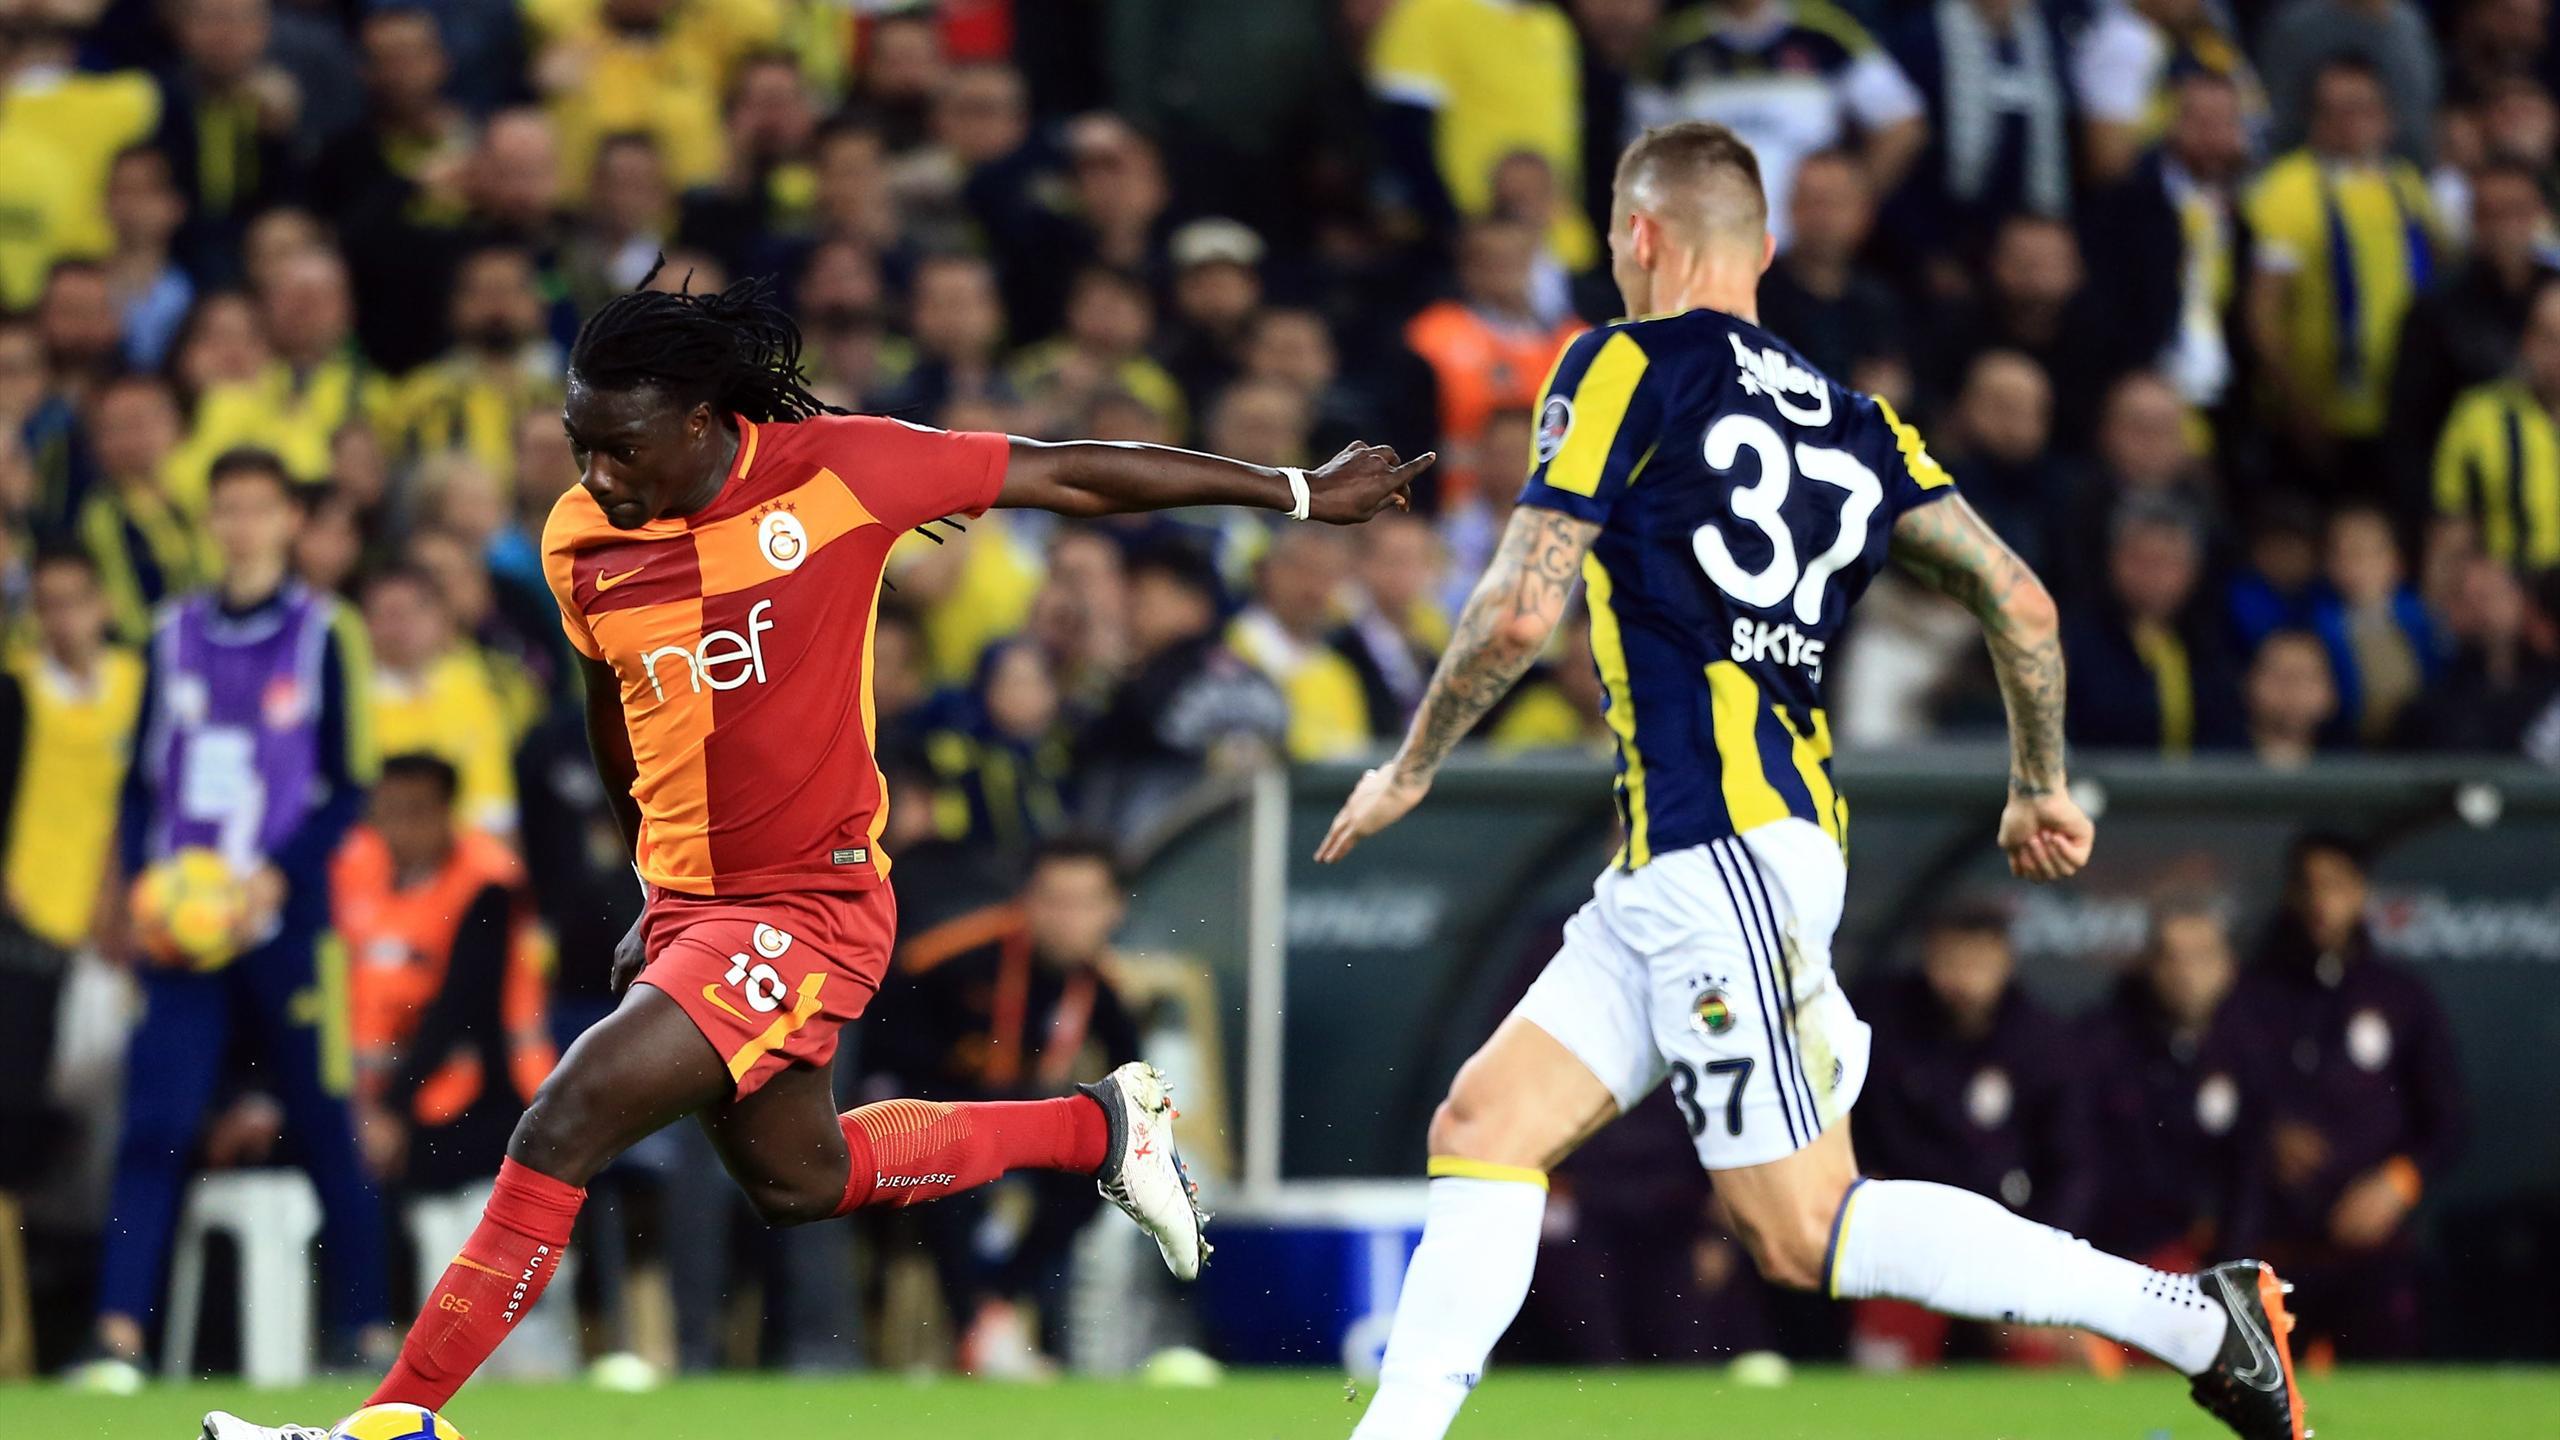 Fenerbahçe'in Kadıköy'de Galatasaray'a Yenilmediği 19 lig maçı 22